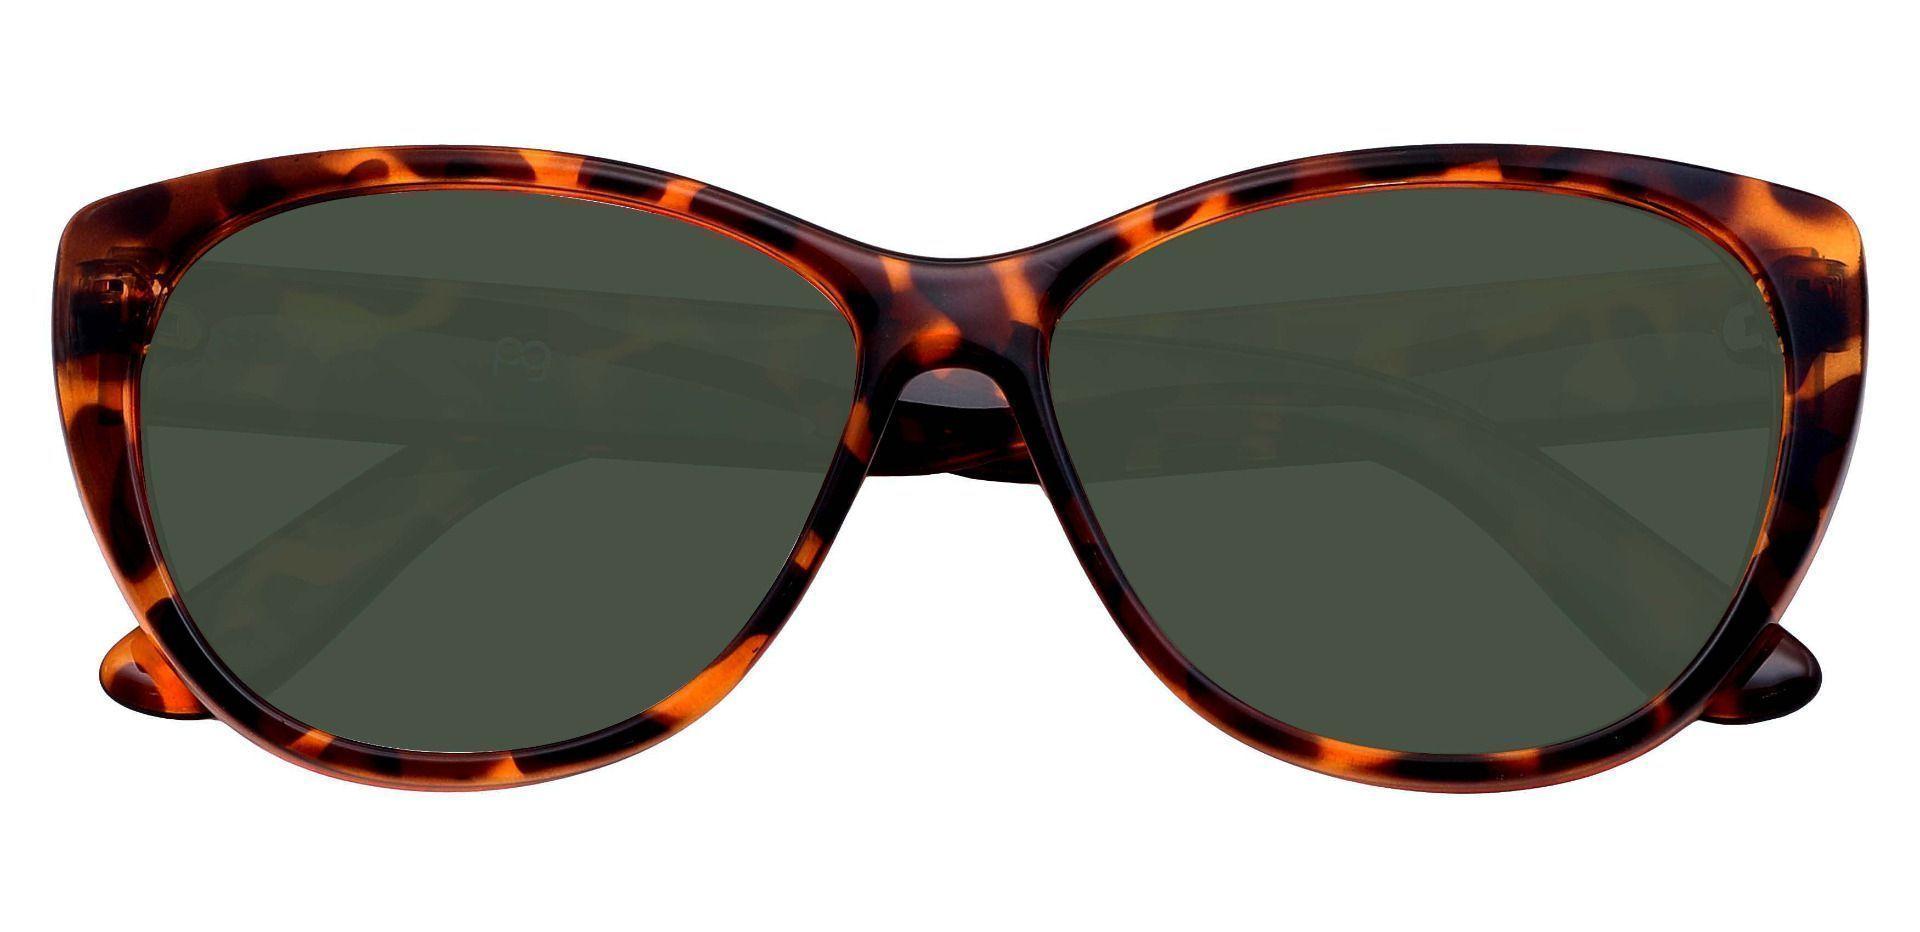 Lynn Cat-Eye Prescription Sunglasses - Tortoise Frame With Green Lenses